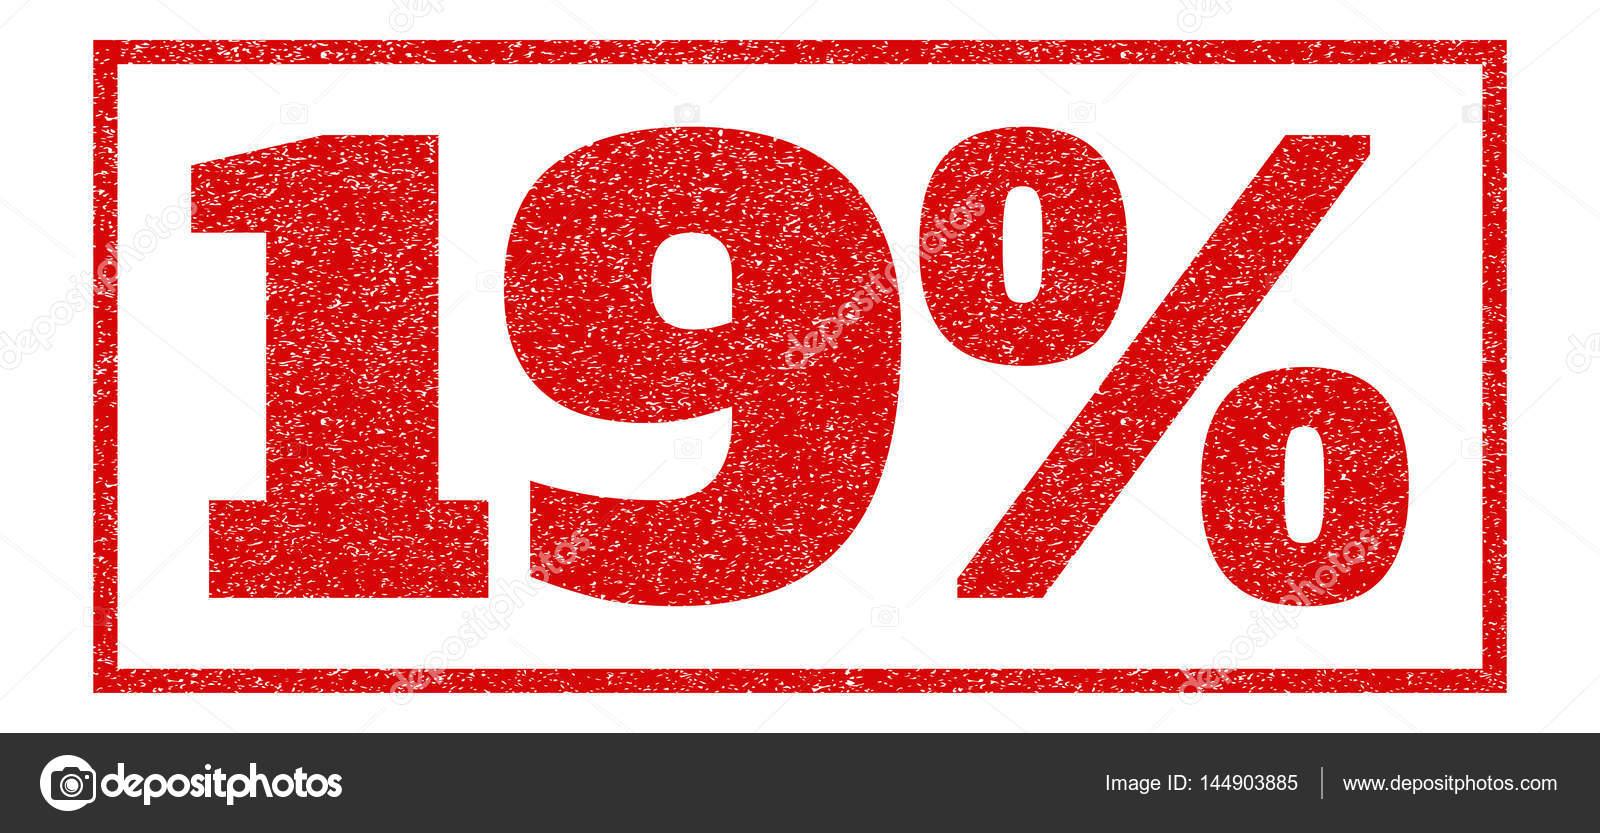 红色的橡皮印章加盖 19%文本.矢量标题矩形框架内.